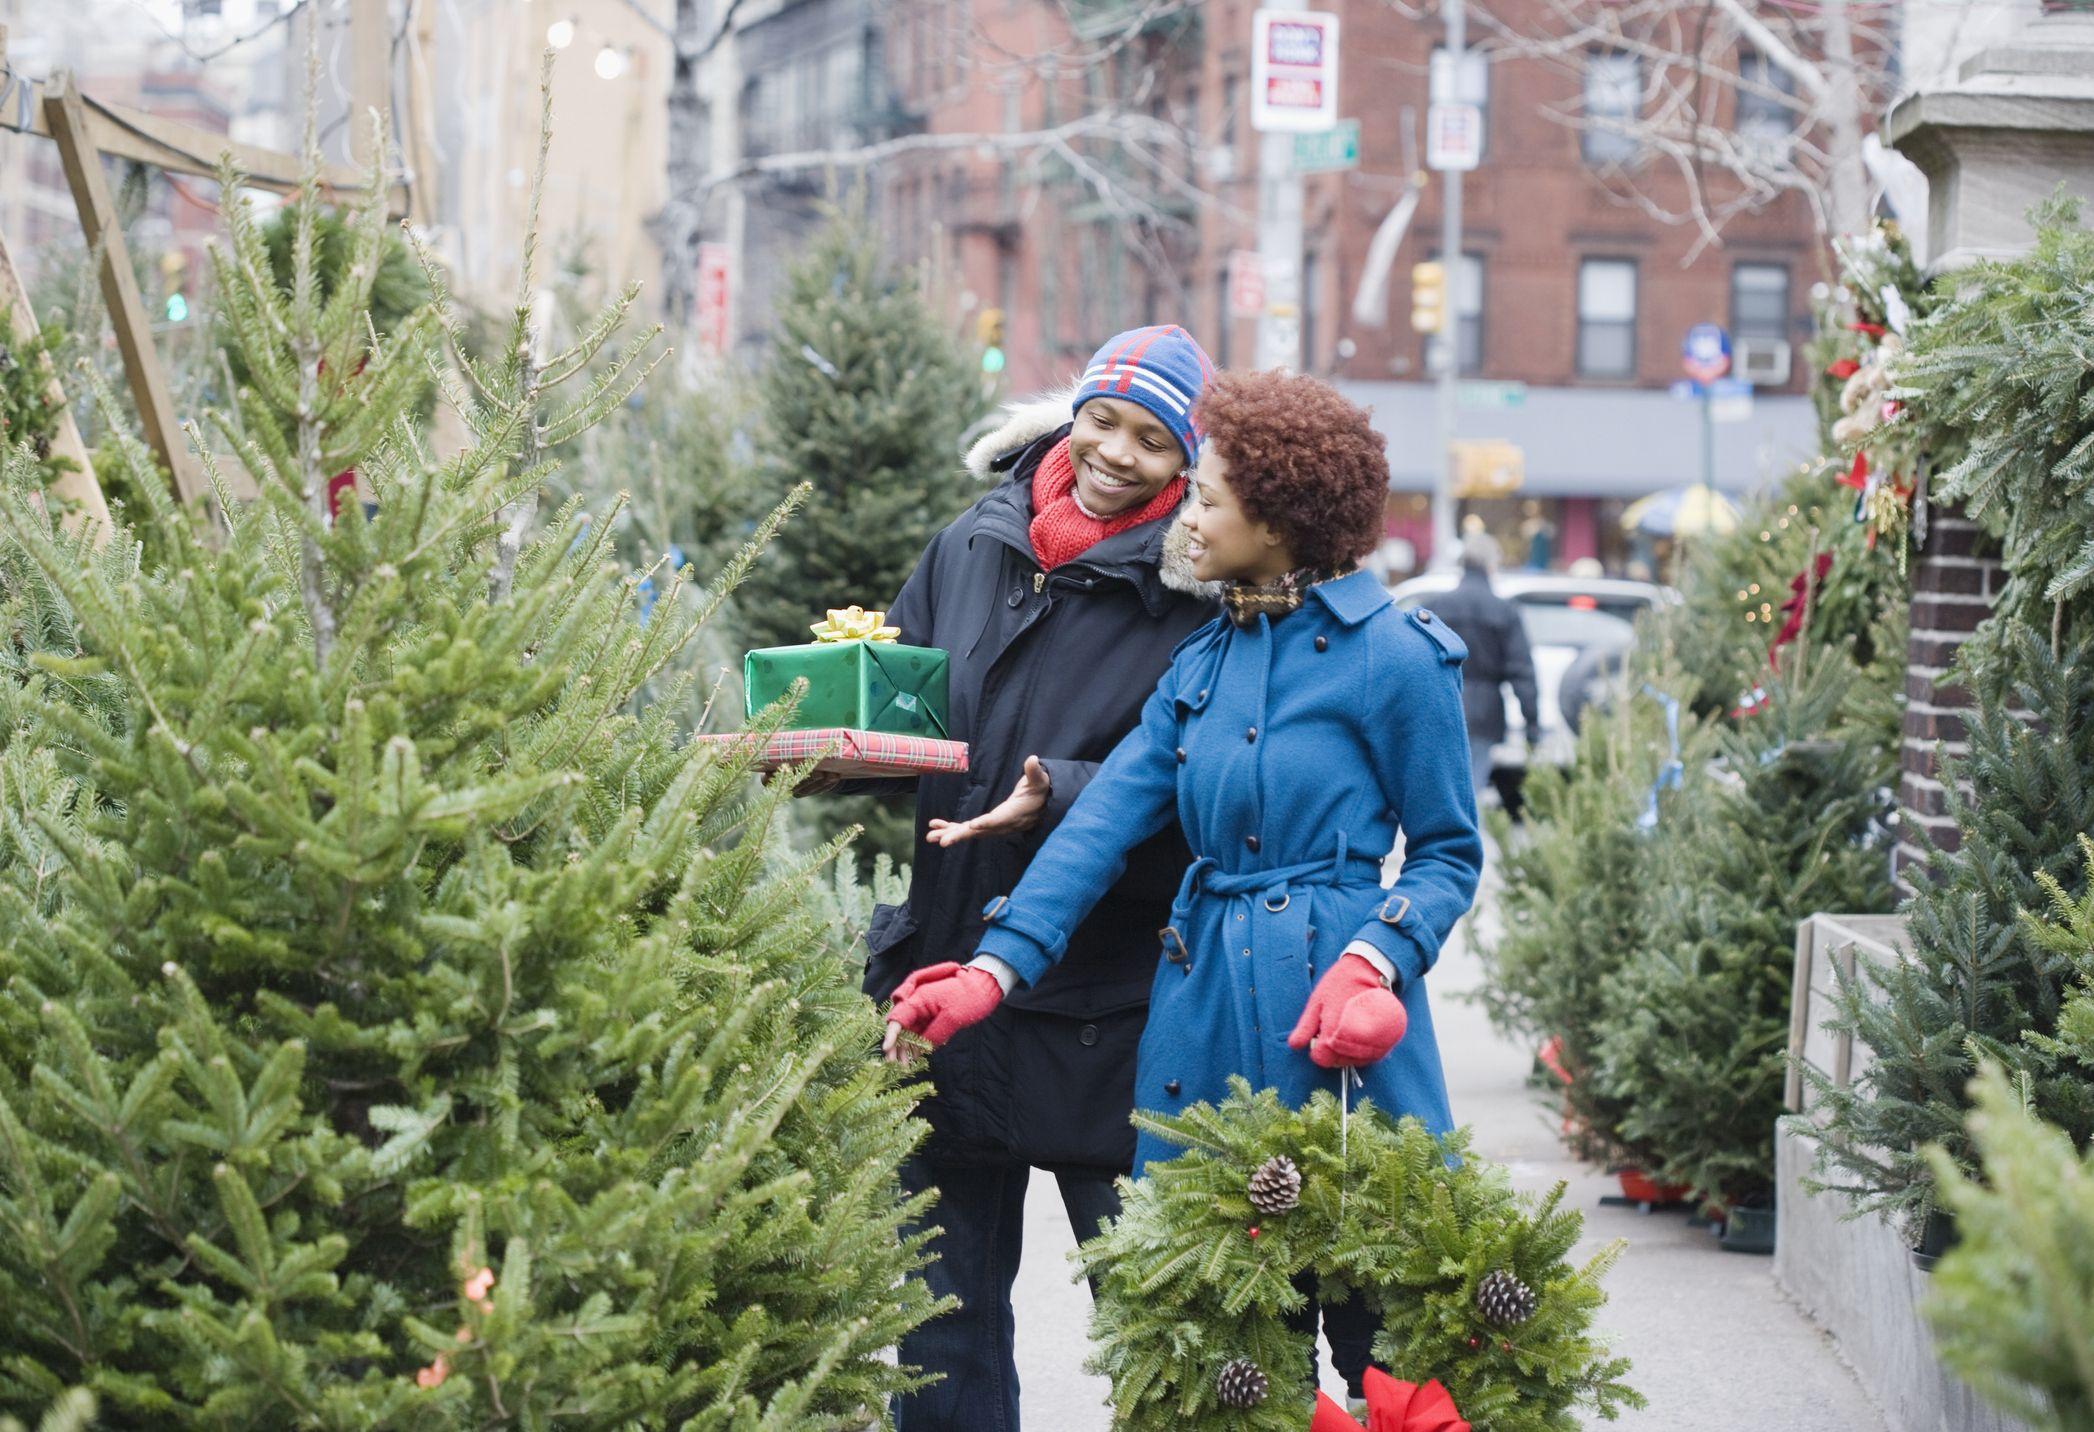 11 Best Types Of Christmas Trees Real Christmas Tree Varieties 2020